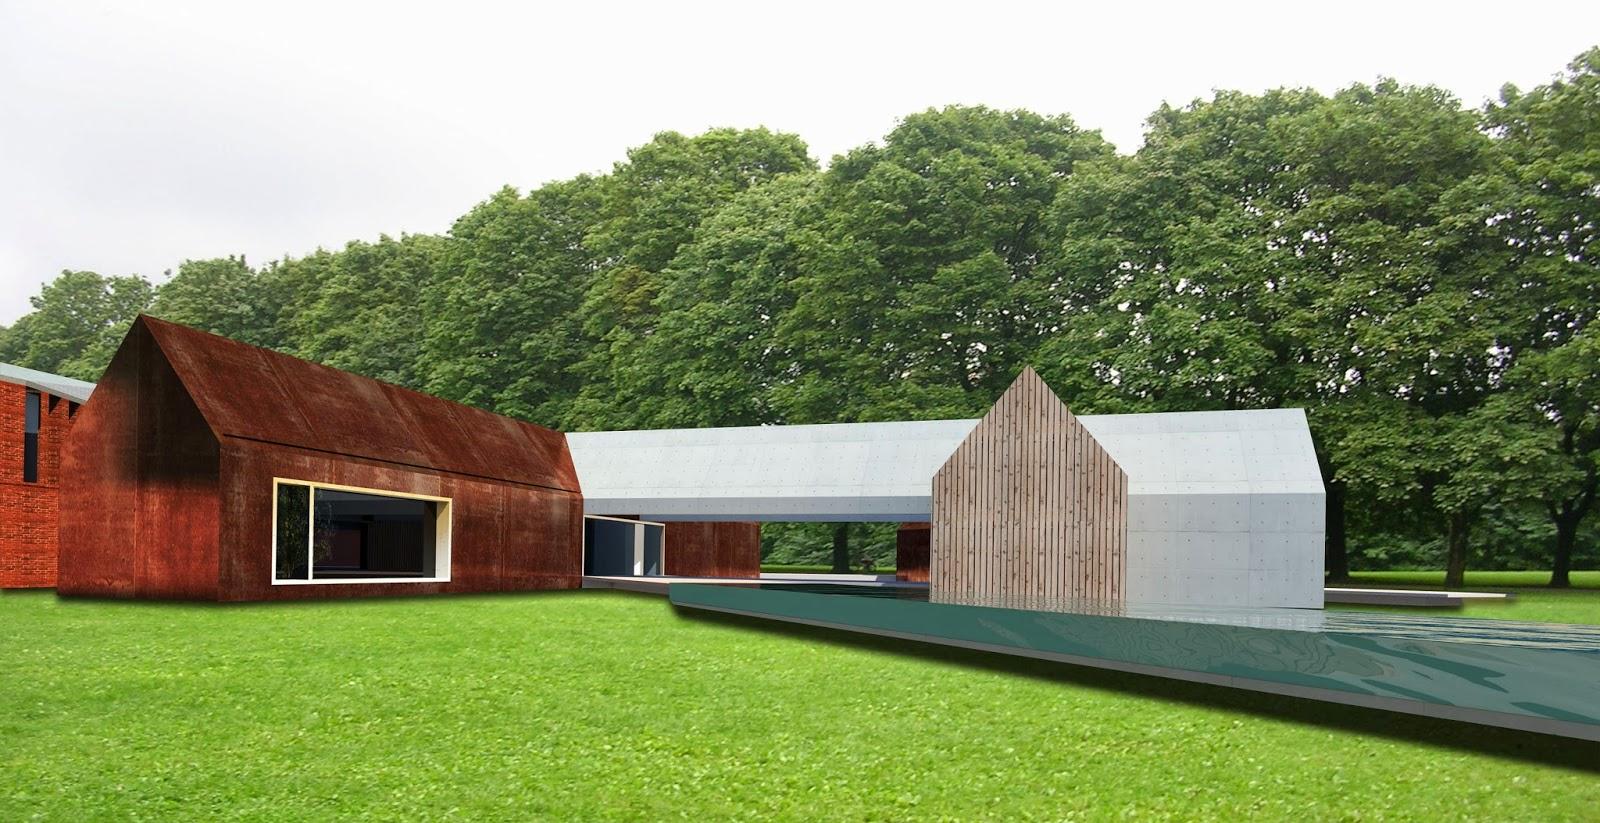 Estudoquarto studio di architettura prima casa passiva - Costruisci casa ...